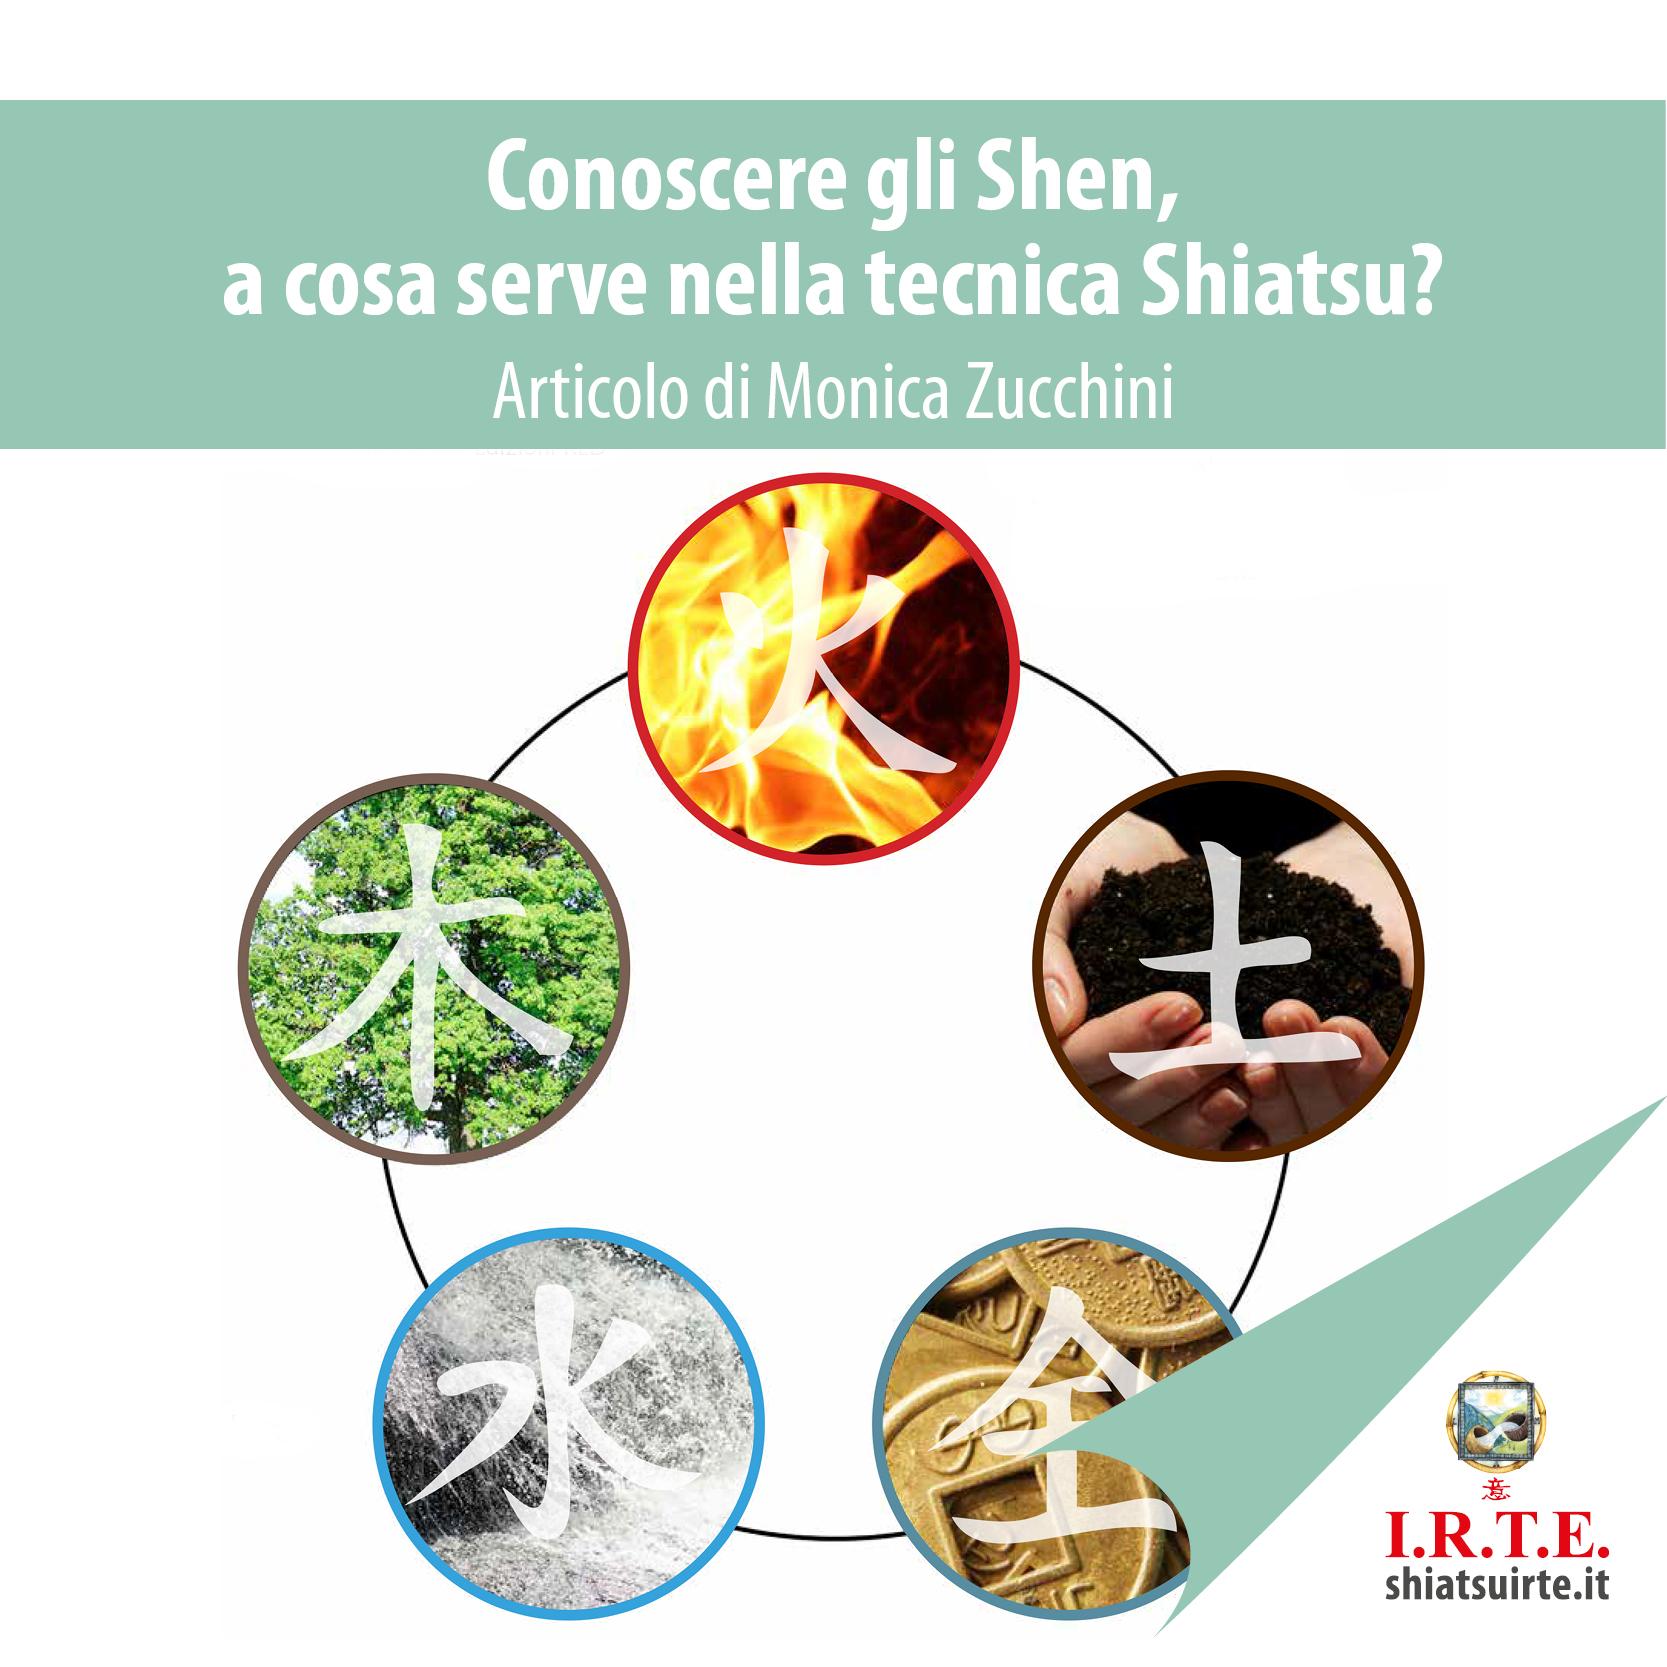 Conoscere gli Shen, a cosa serve nella pratica shiatsu?